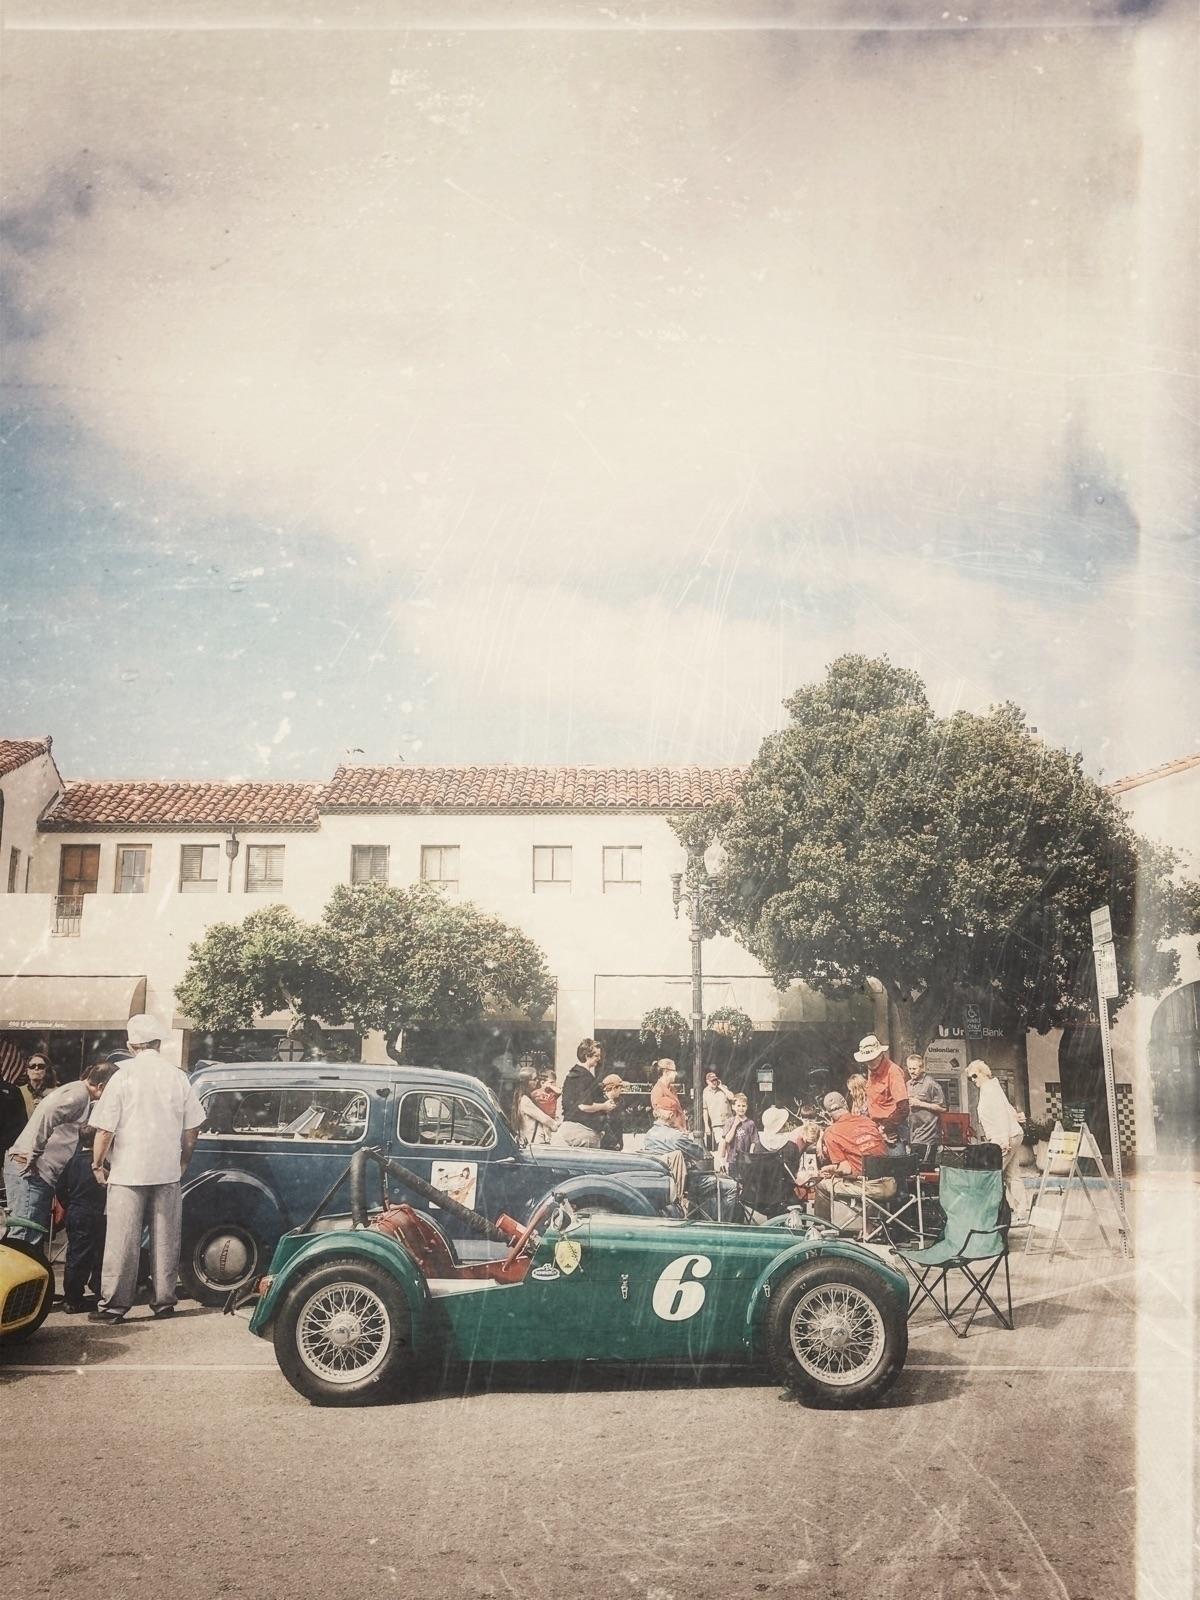 racecar, pacificgrove, california - tramod | ello